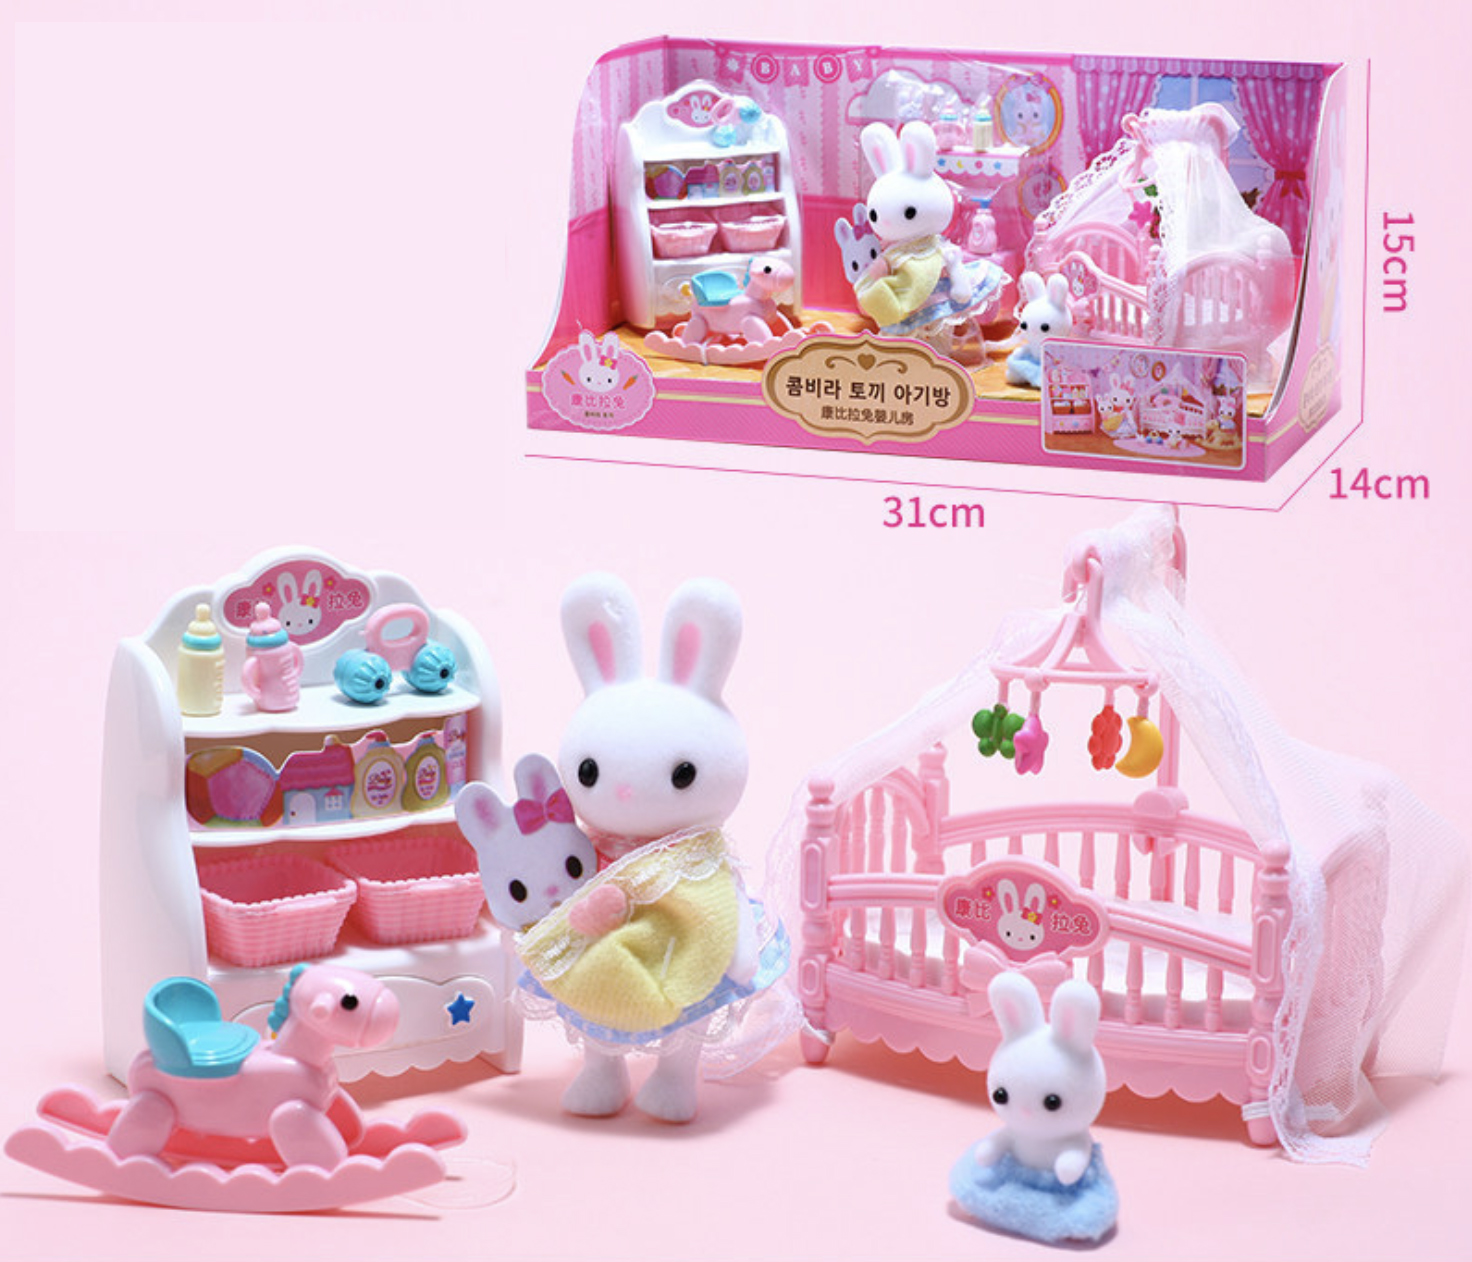 מיני ורוד אביזרי חנות ערכת diy הבארבי בית בובות מיניאטורות עם ריהוט סט לילדים בנות צעצועים